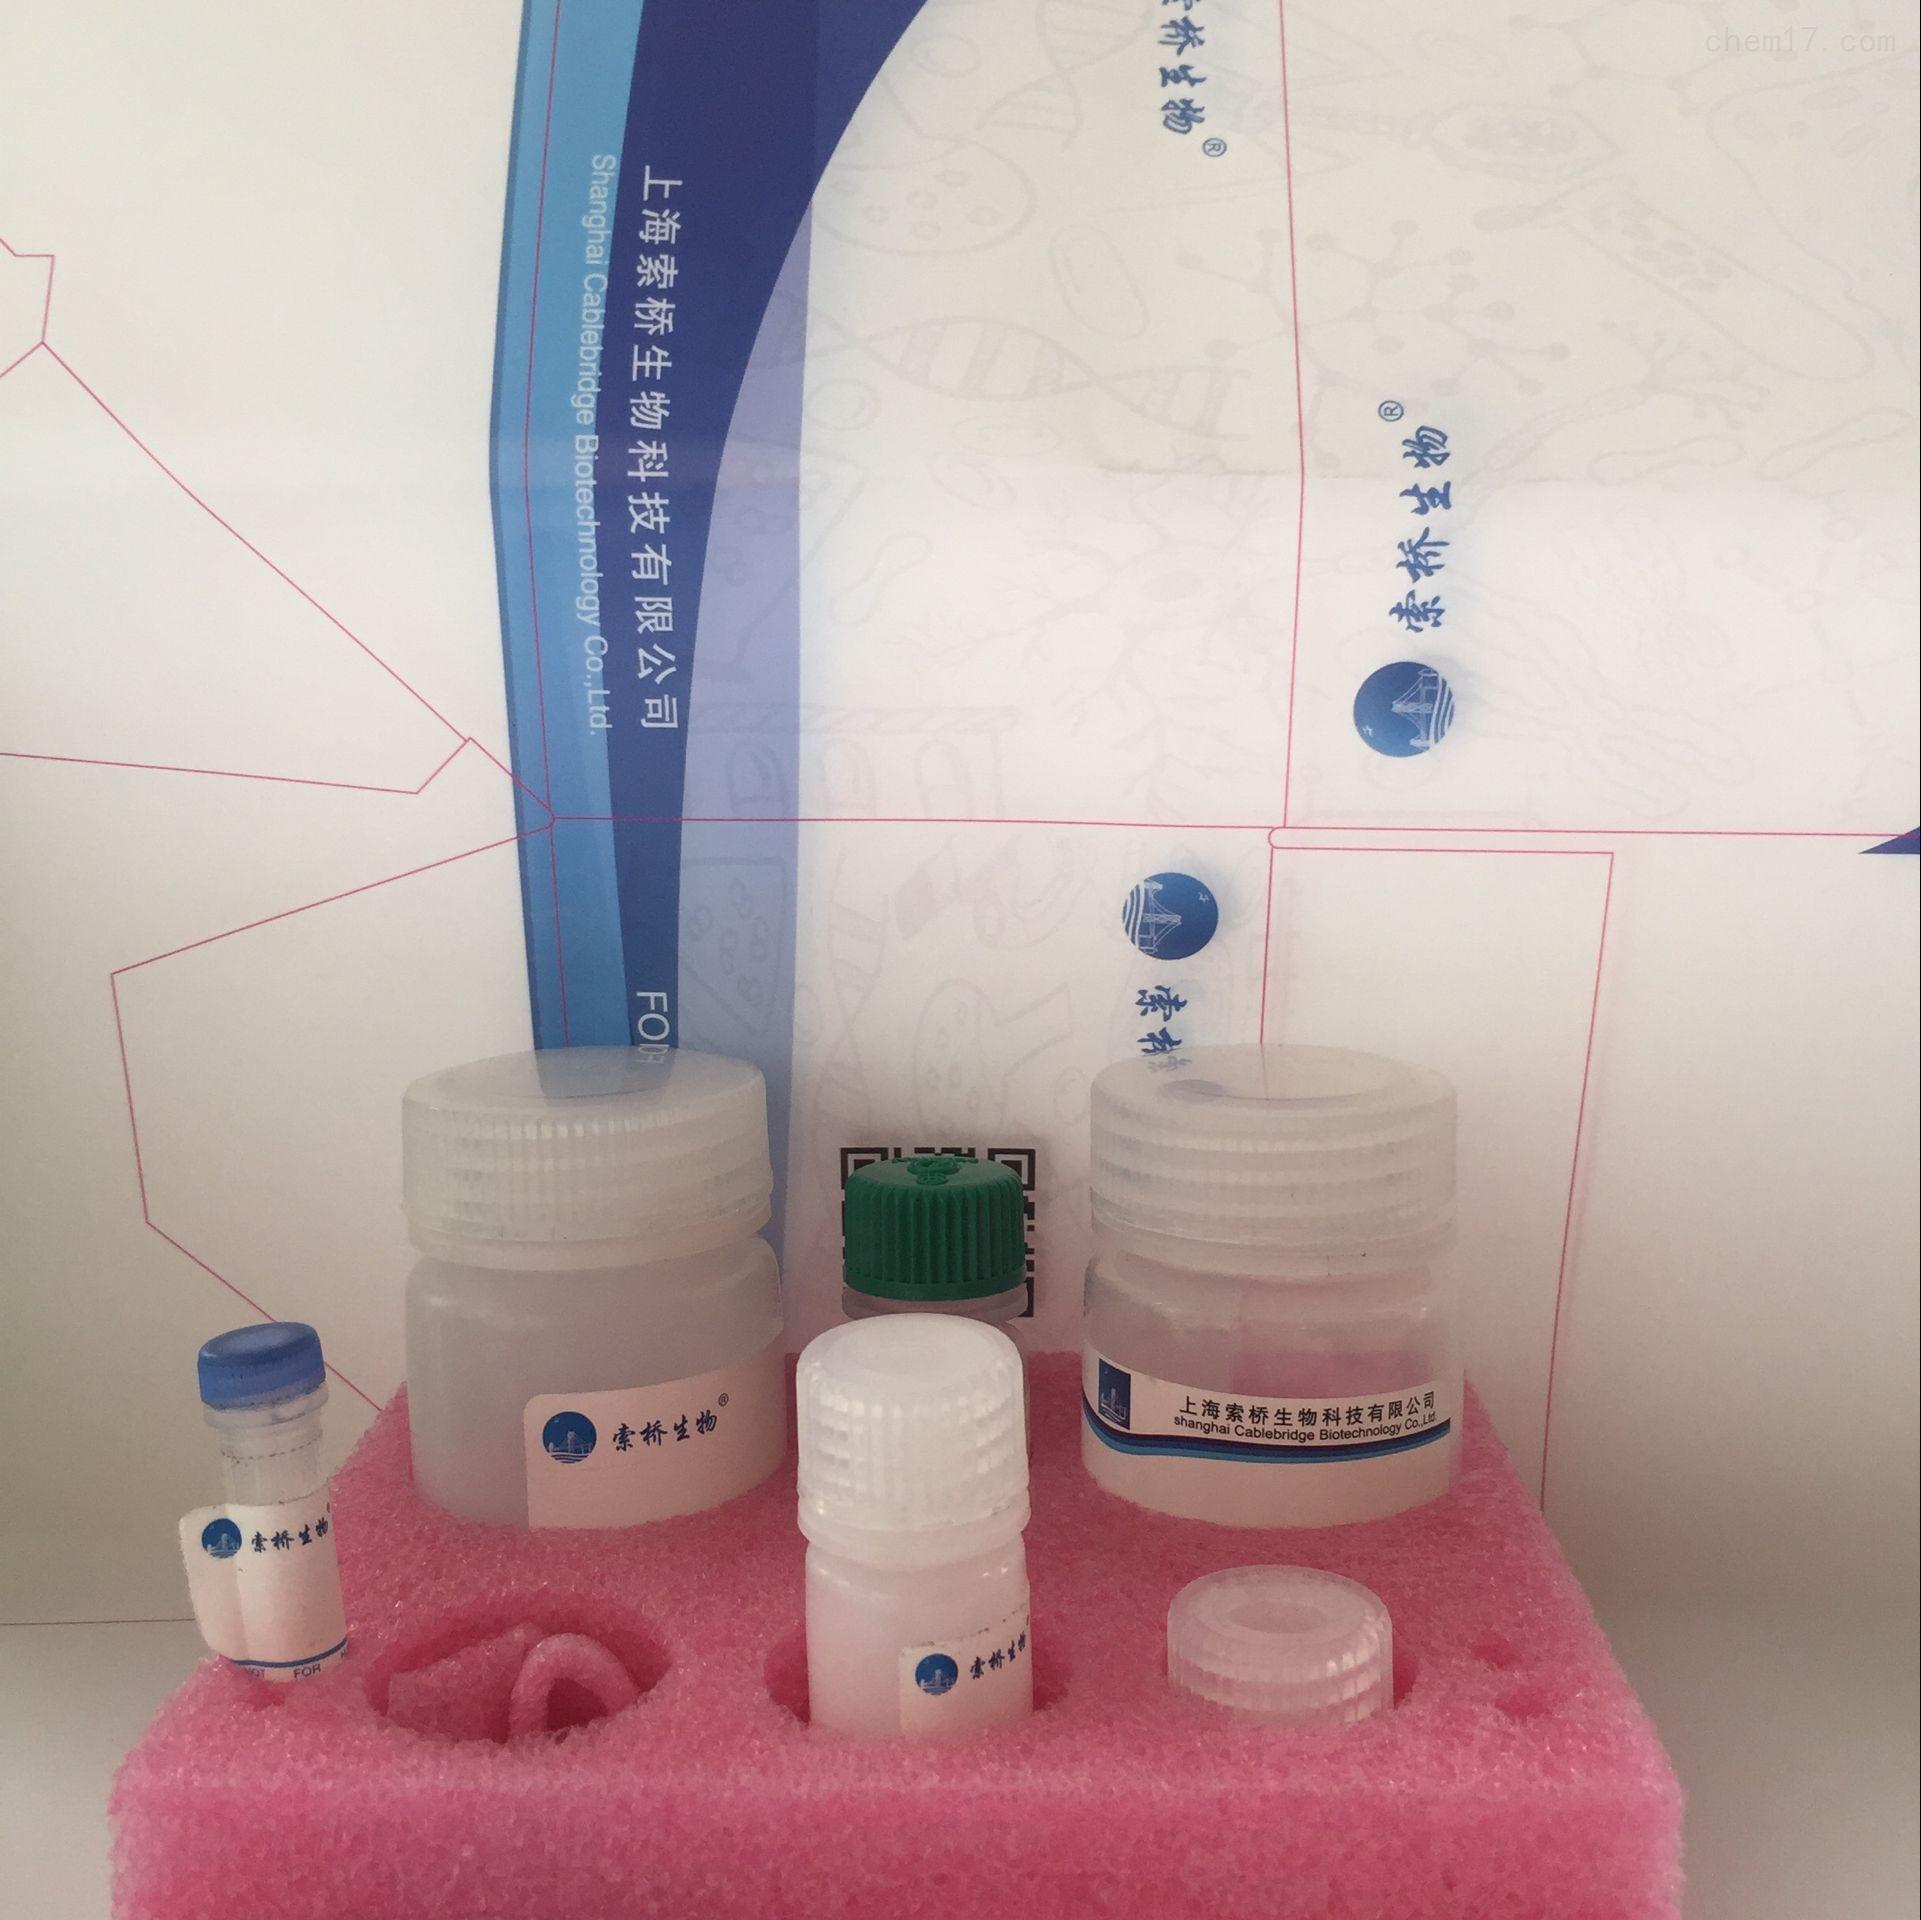 转氢酶-2测试盒